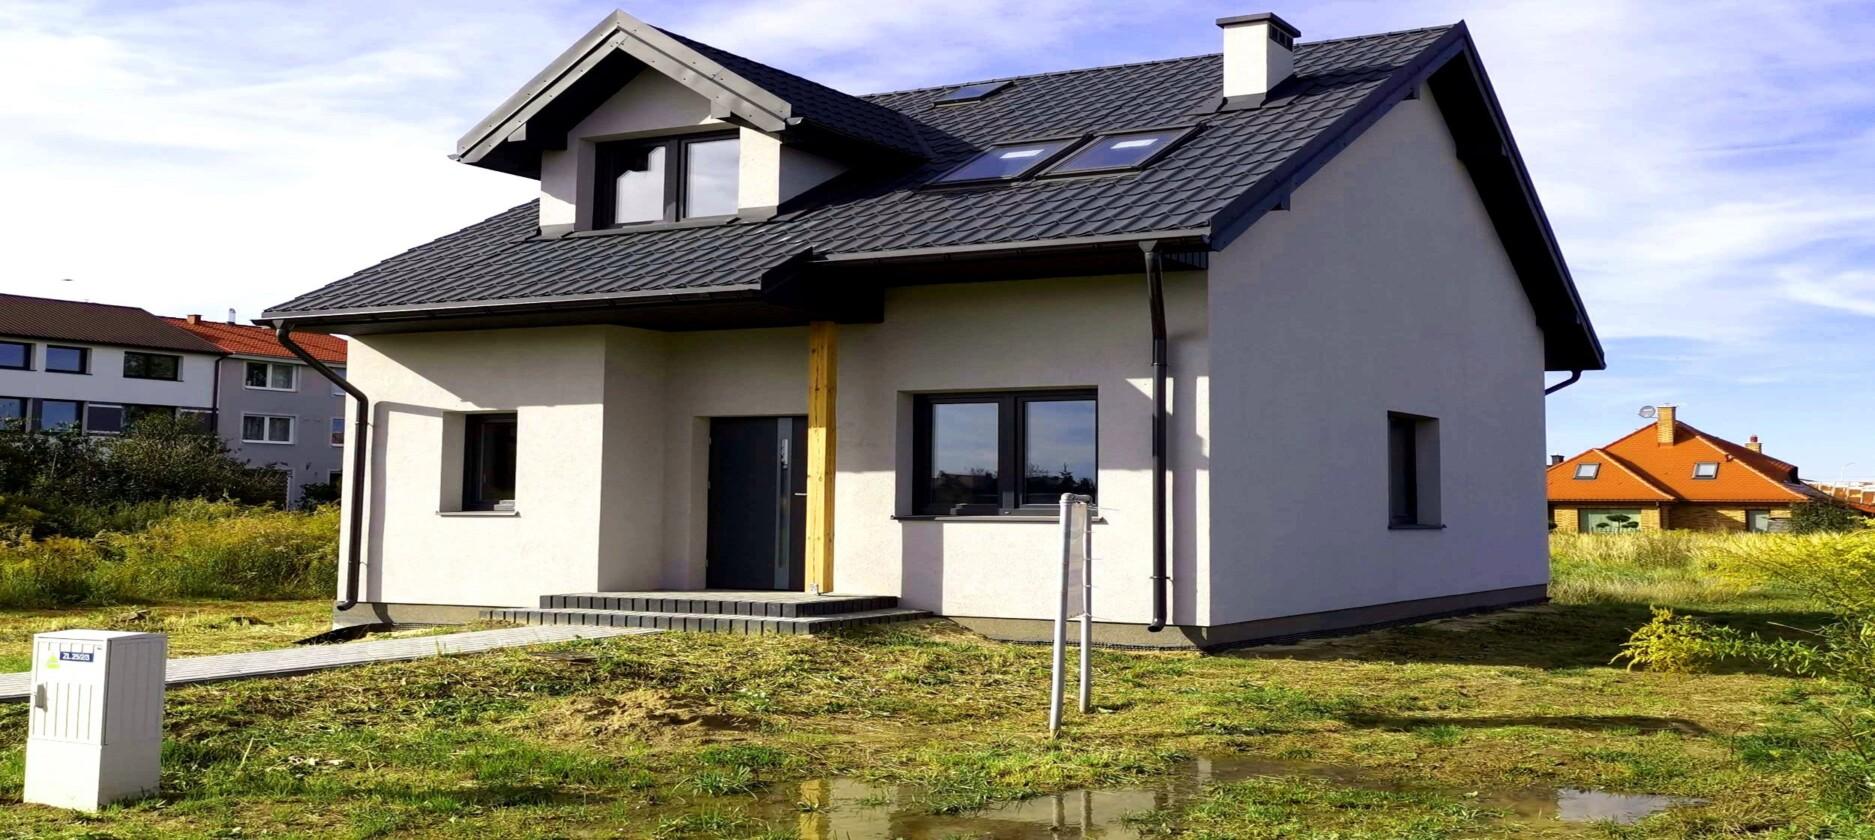 slider2 - Nieruchomości Krzysztof Górski Zamość, biuro nieruchomości, domy, mieszkania, działki, lokale, sprzedaż nieruchomości, wynajem nieruchomości